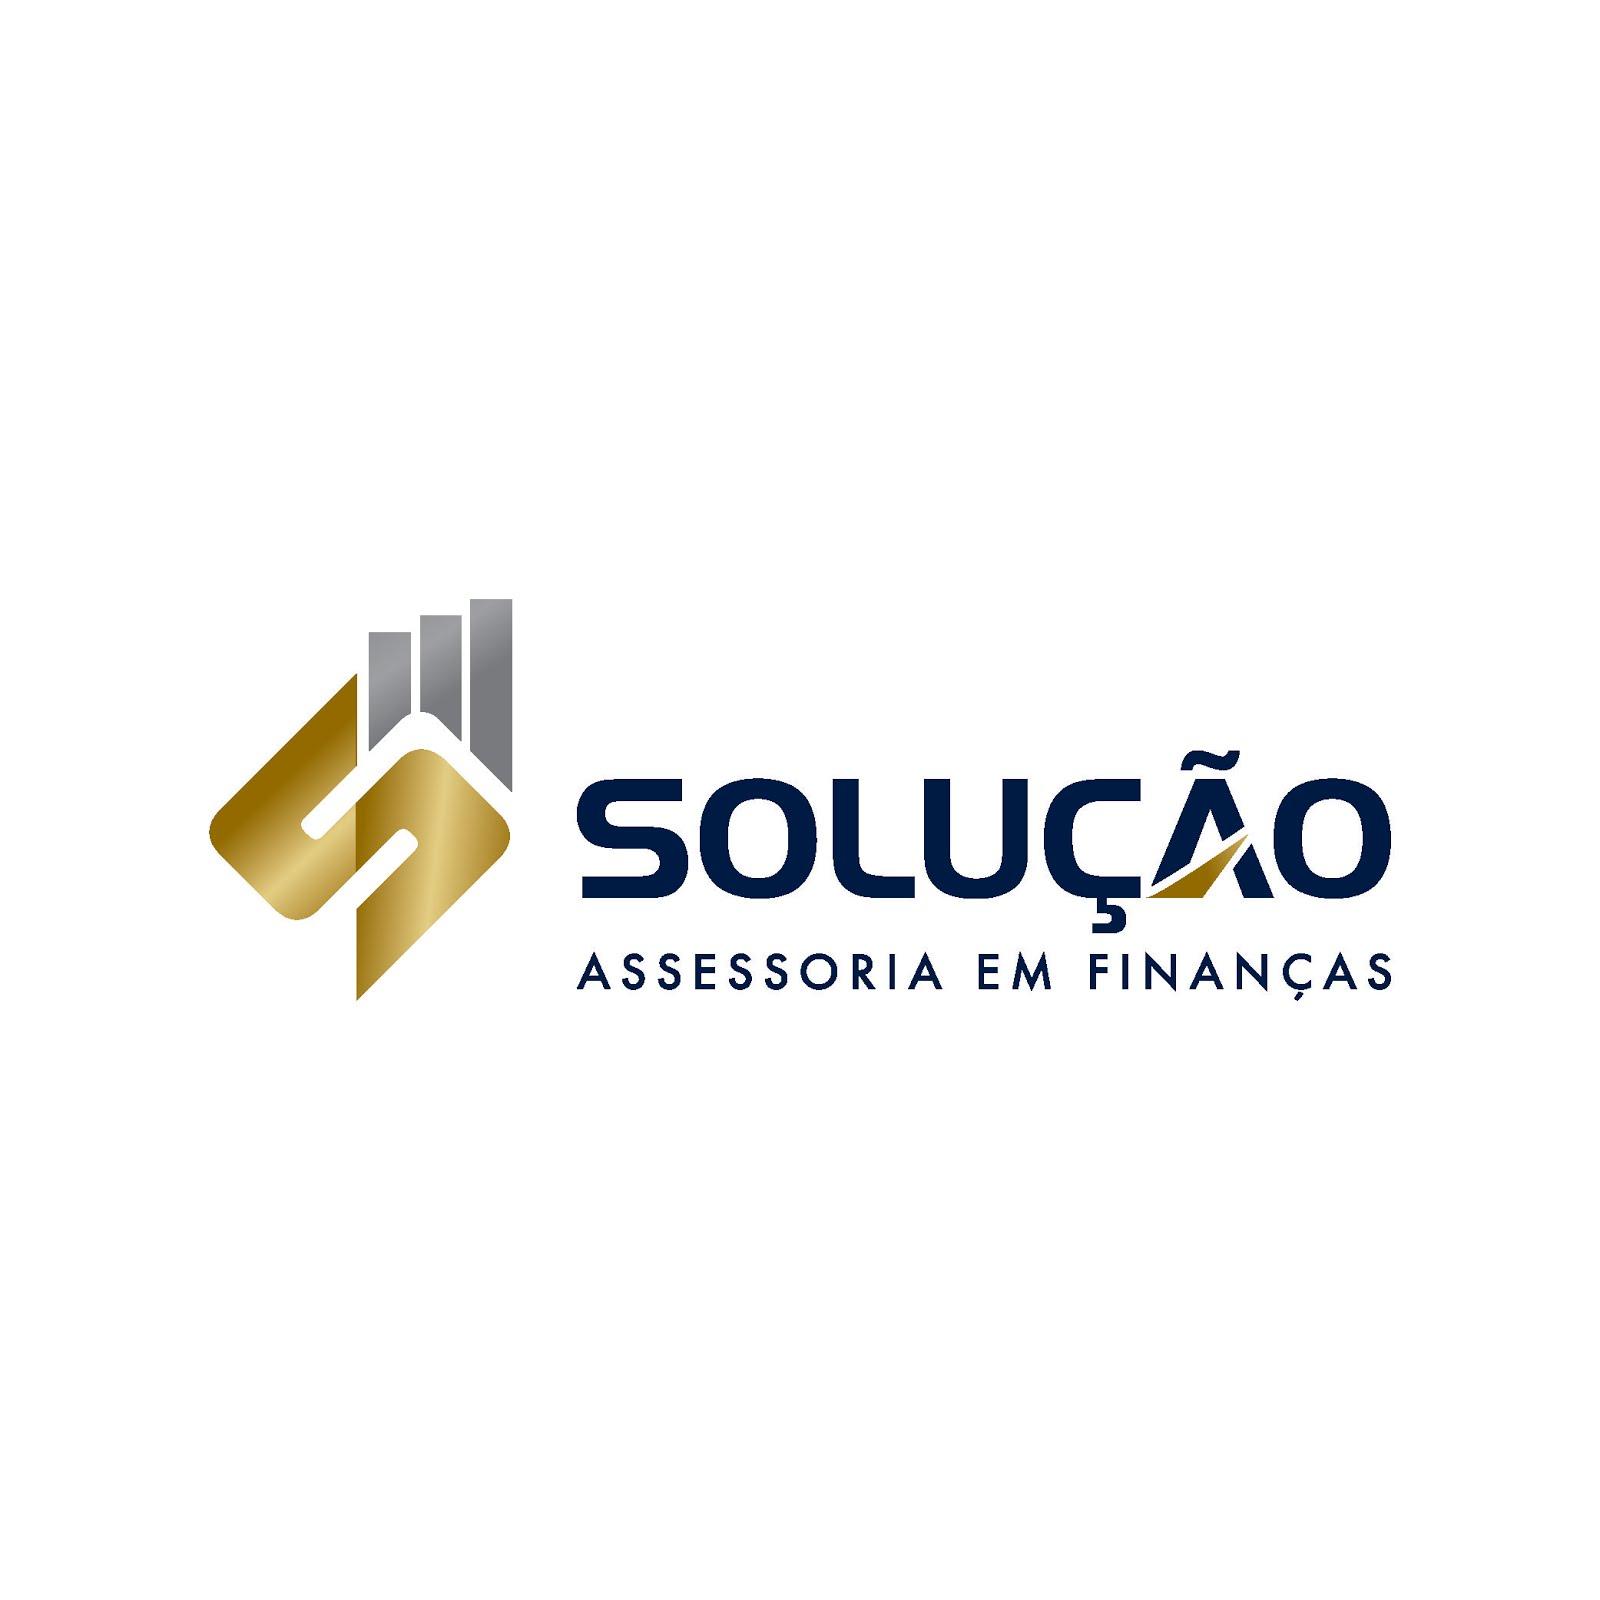 Solução Assessoria Financeira